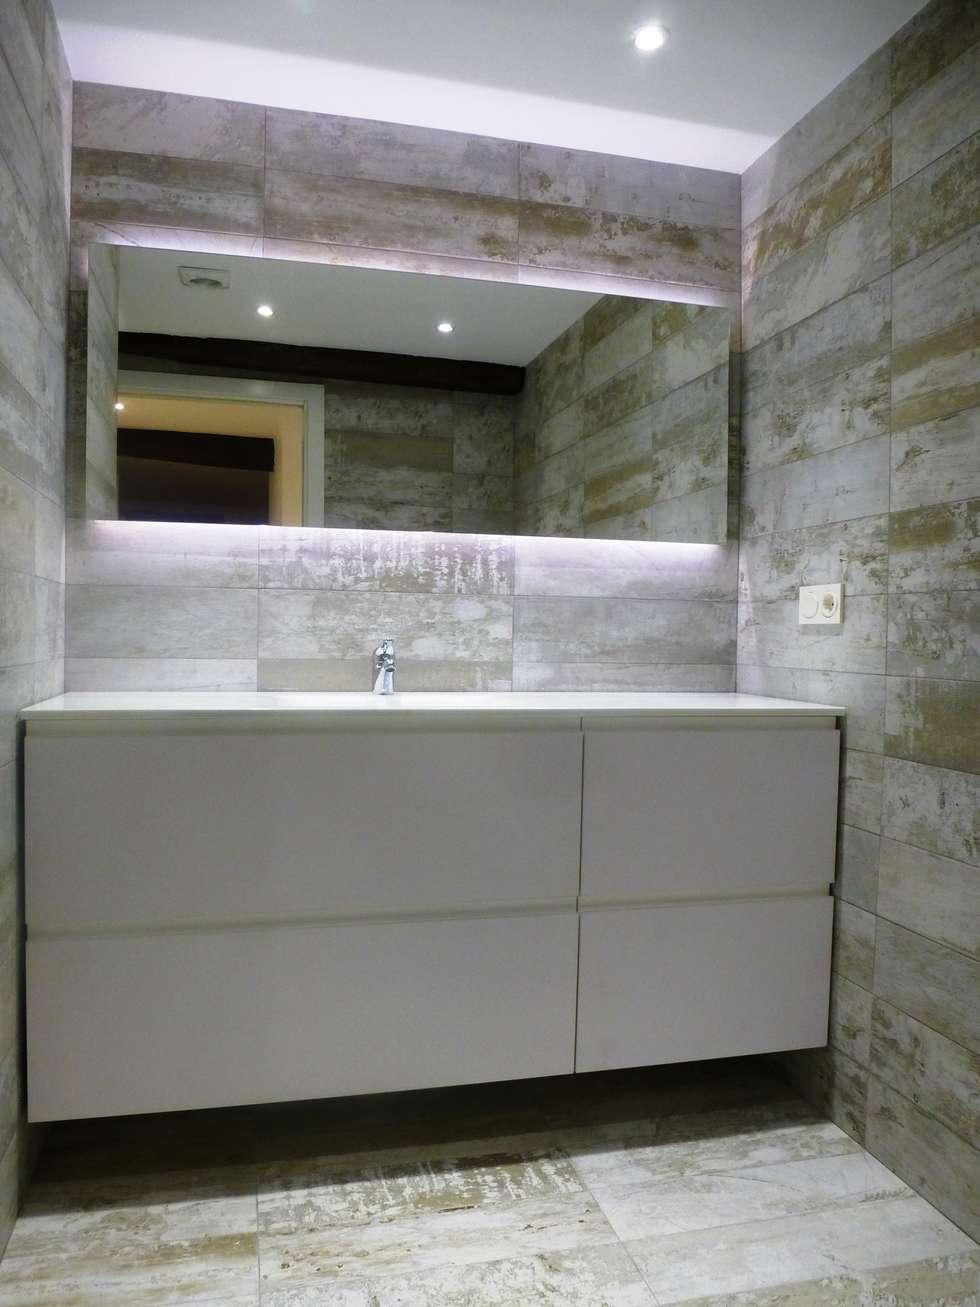 Fotos de decoraci n y dise o de interiores homify - Espejo bano retroiluminado ...